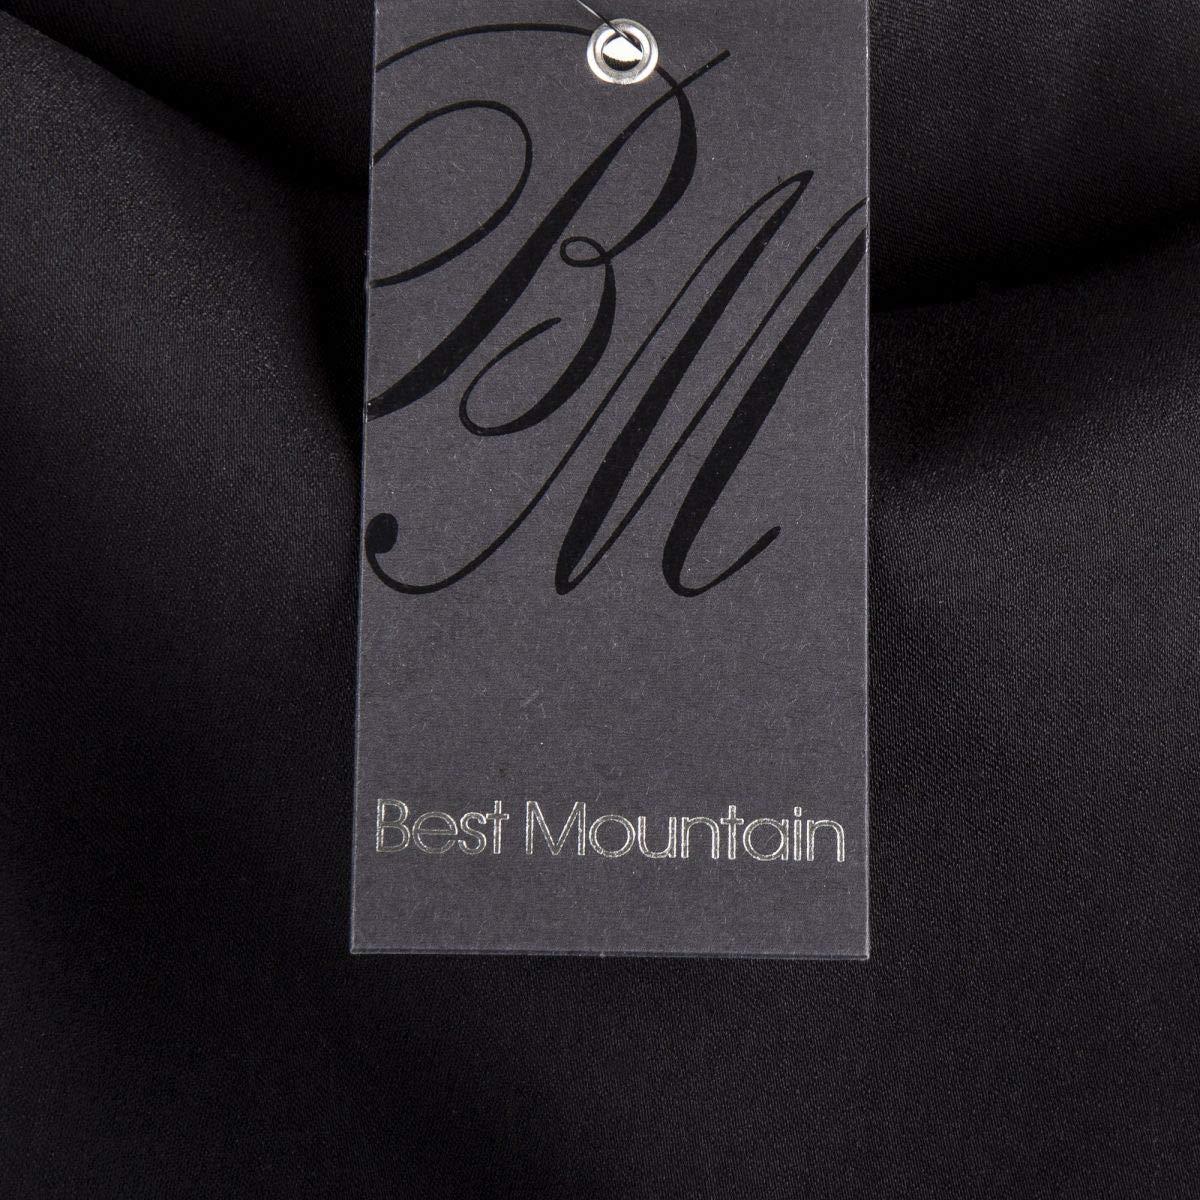 Best Mountain Robe Noire Blazer sans Manche Femme L Noir  Amazon.fr   Vêtements et accessoires 67d34c5be128